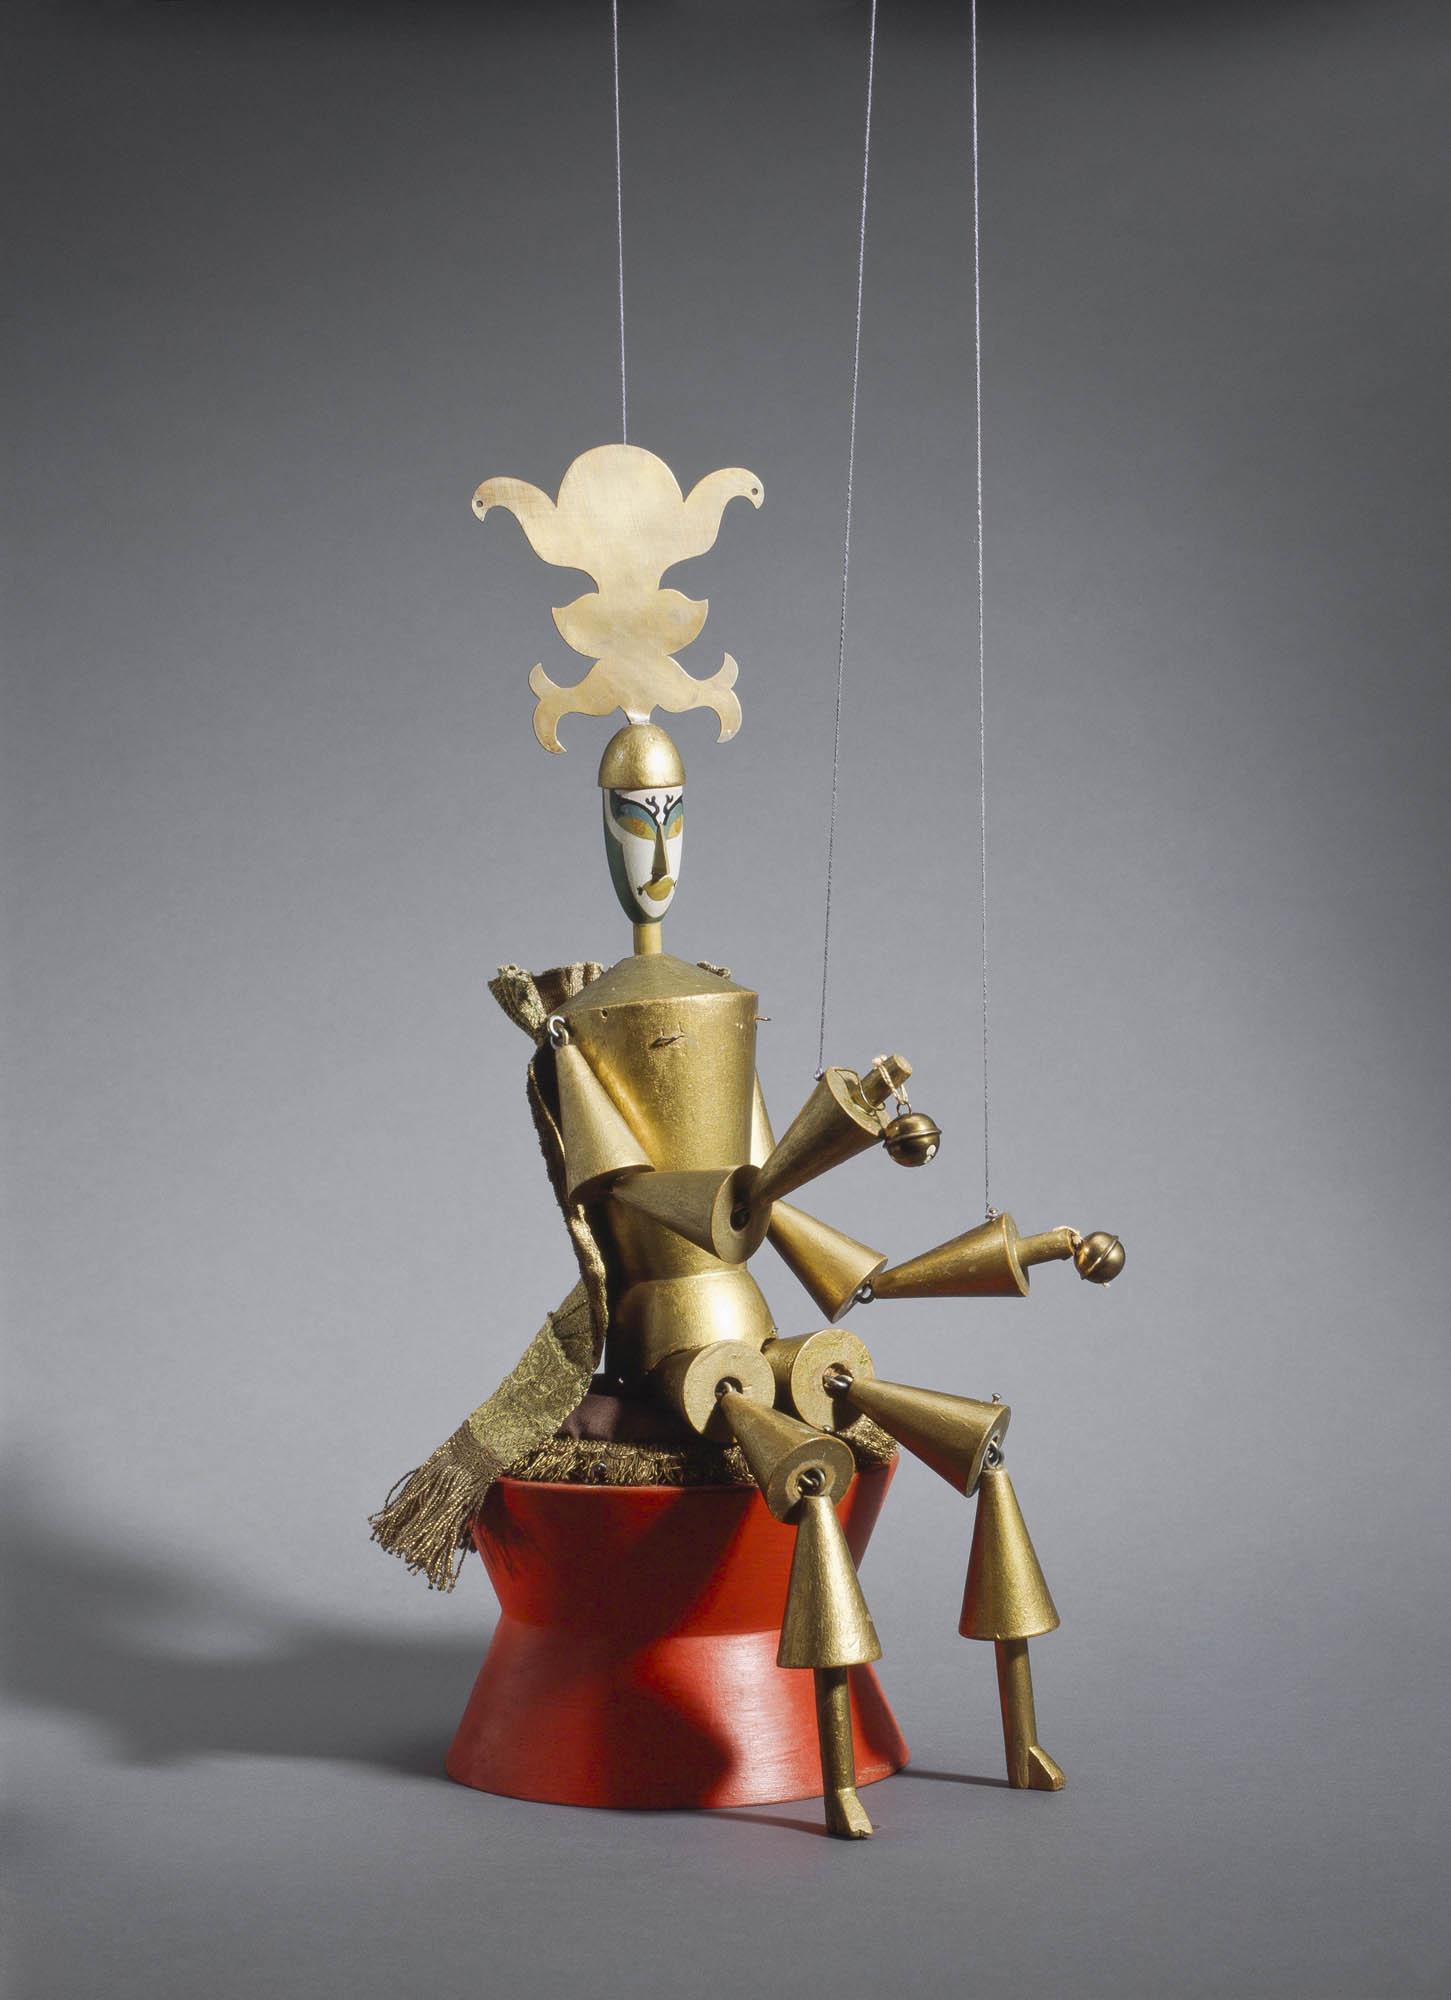 König Hirsch: Wache Sophie Taeuber-Arp Marionette